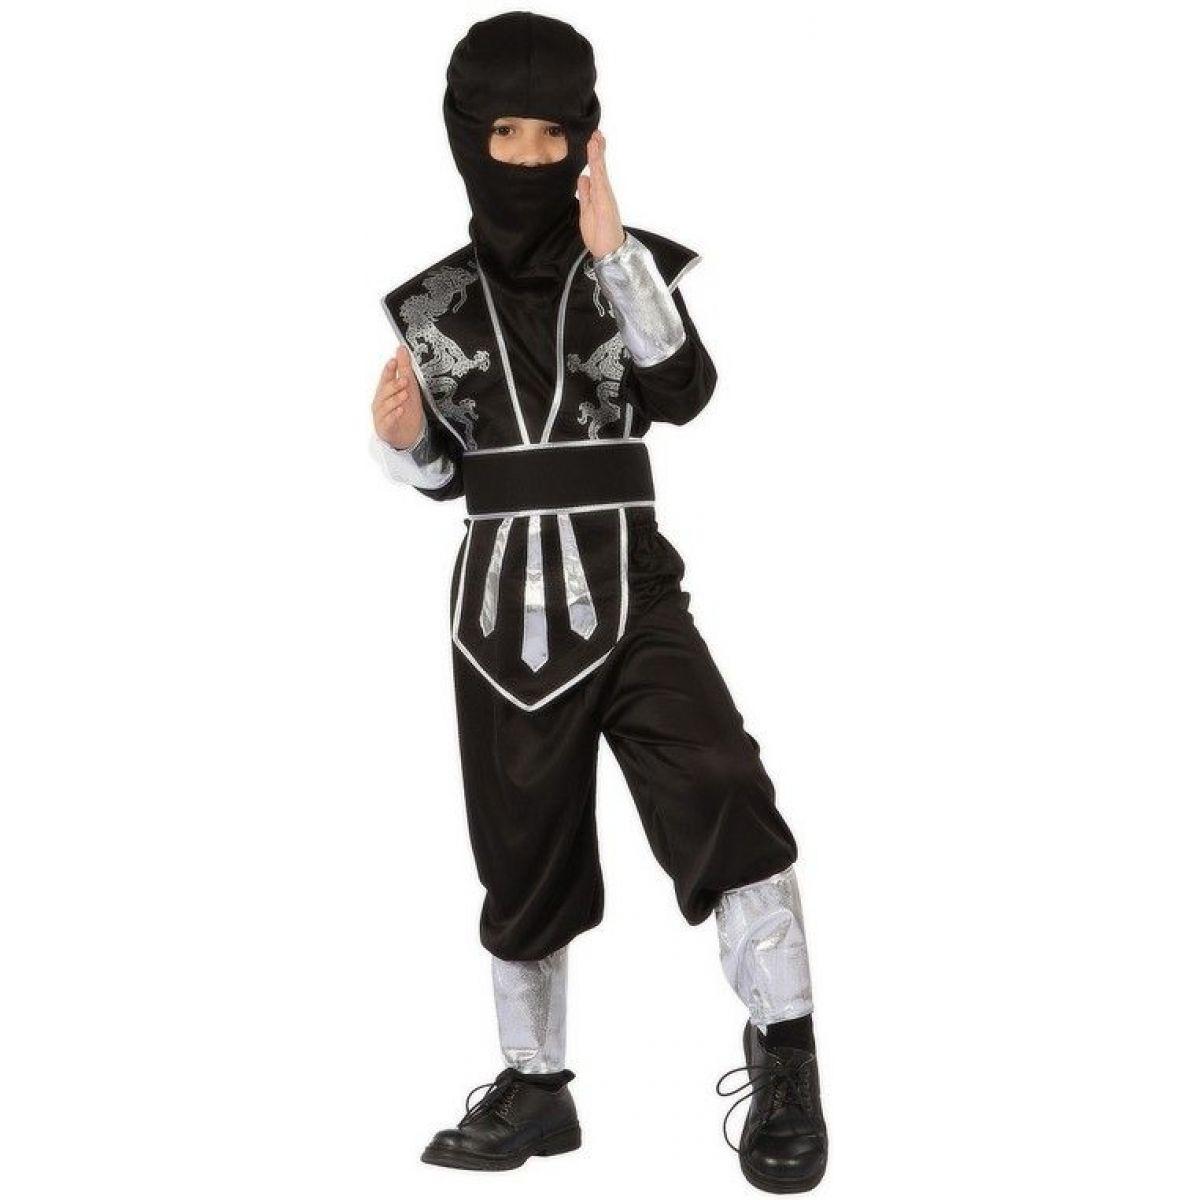 Made Detský kostým Ninja 120-130cm